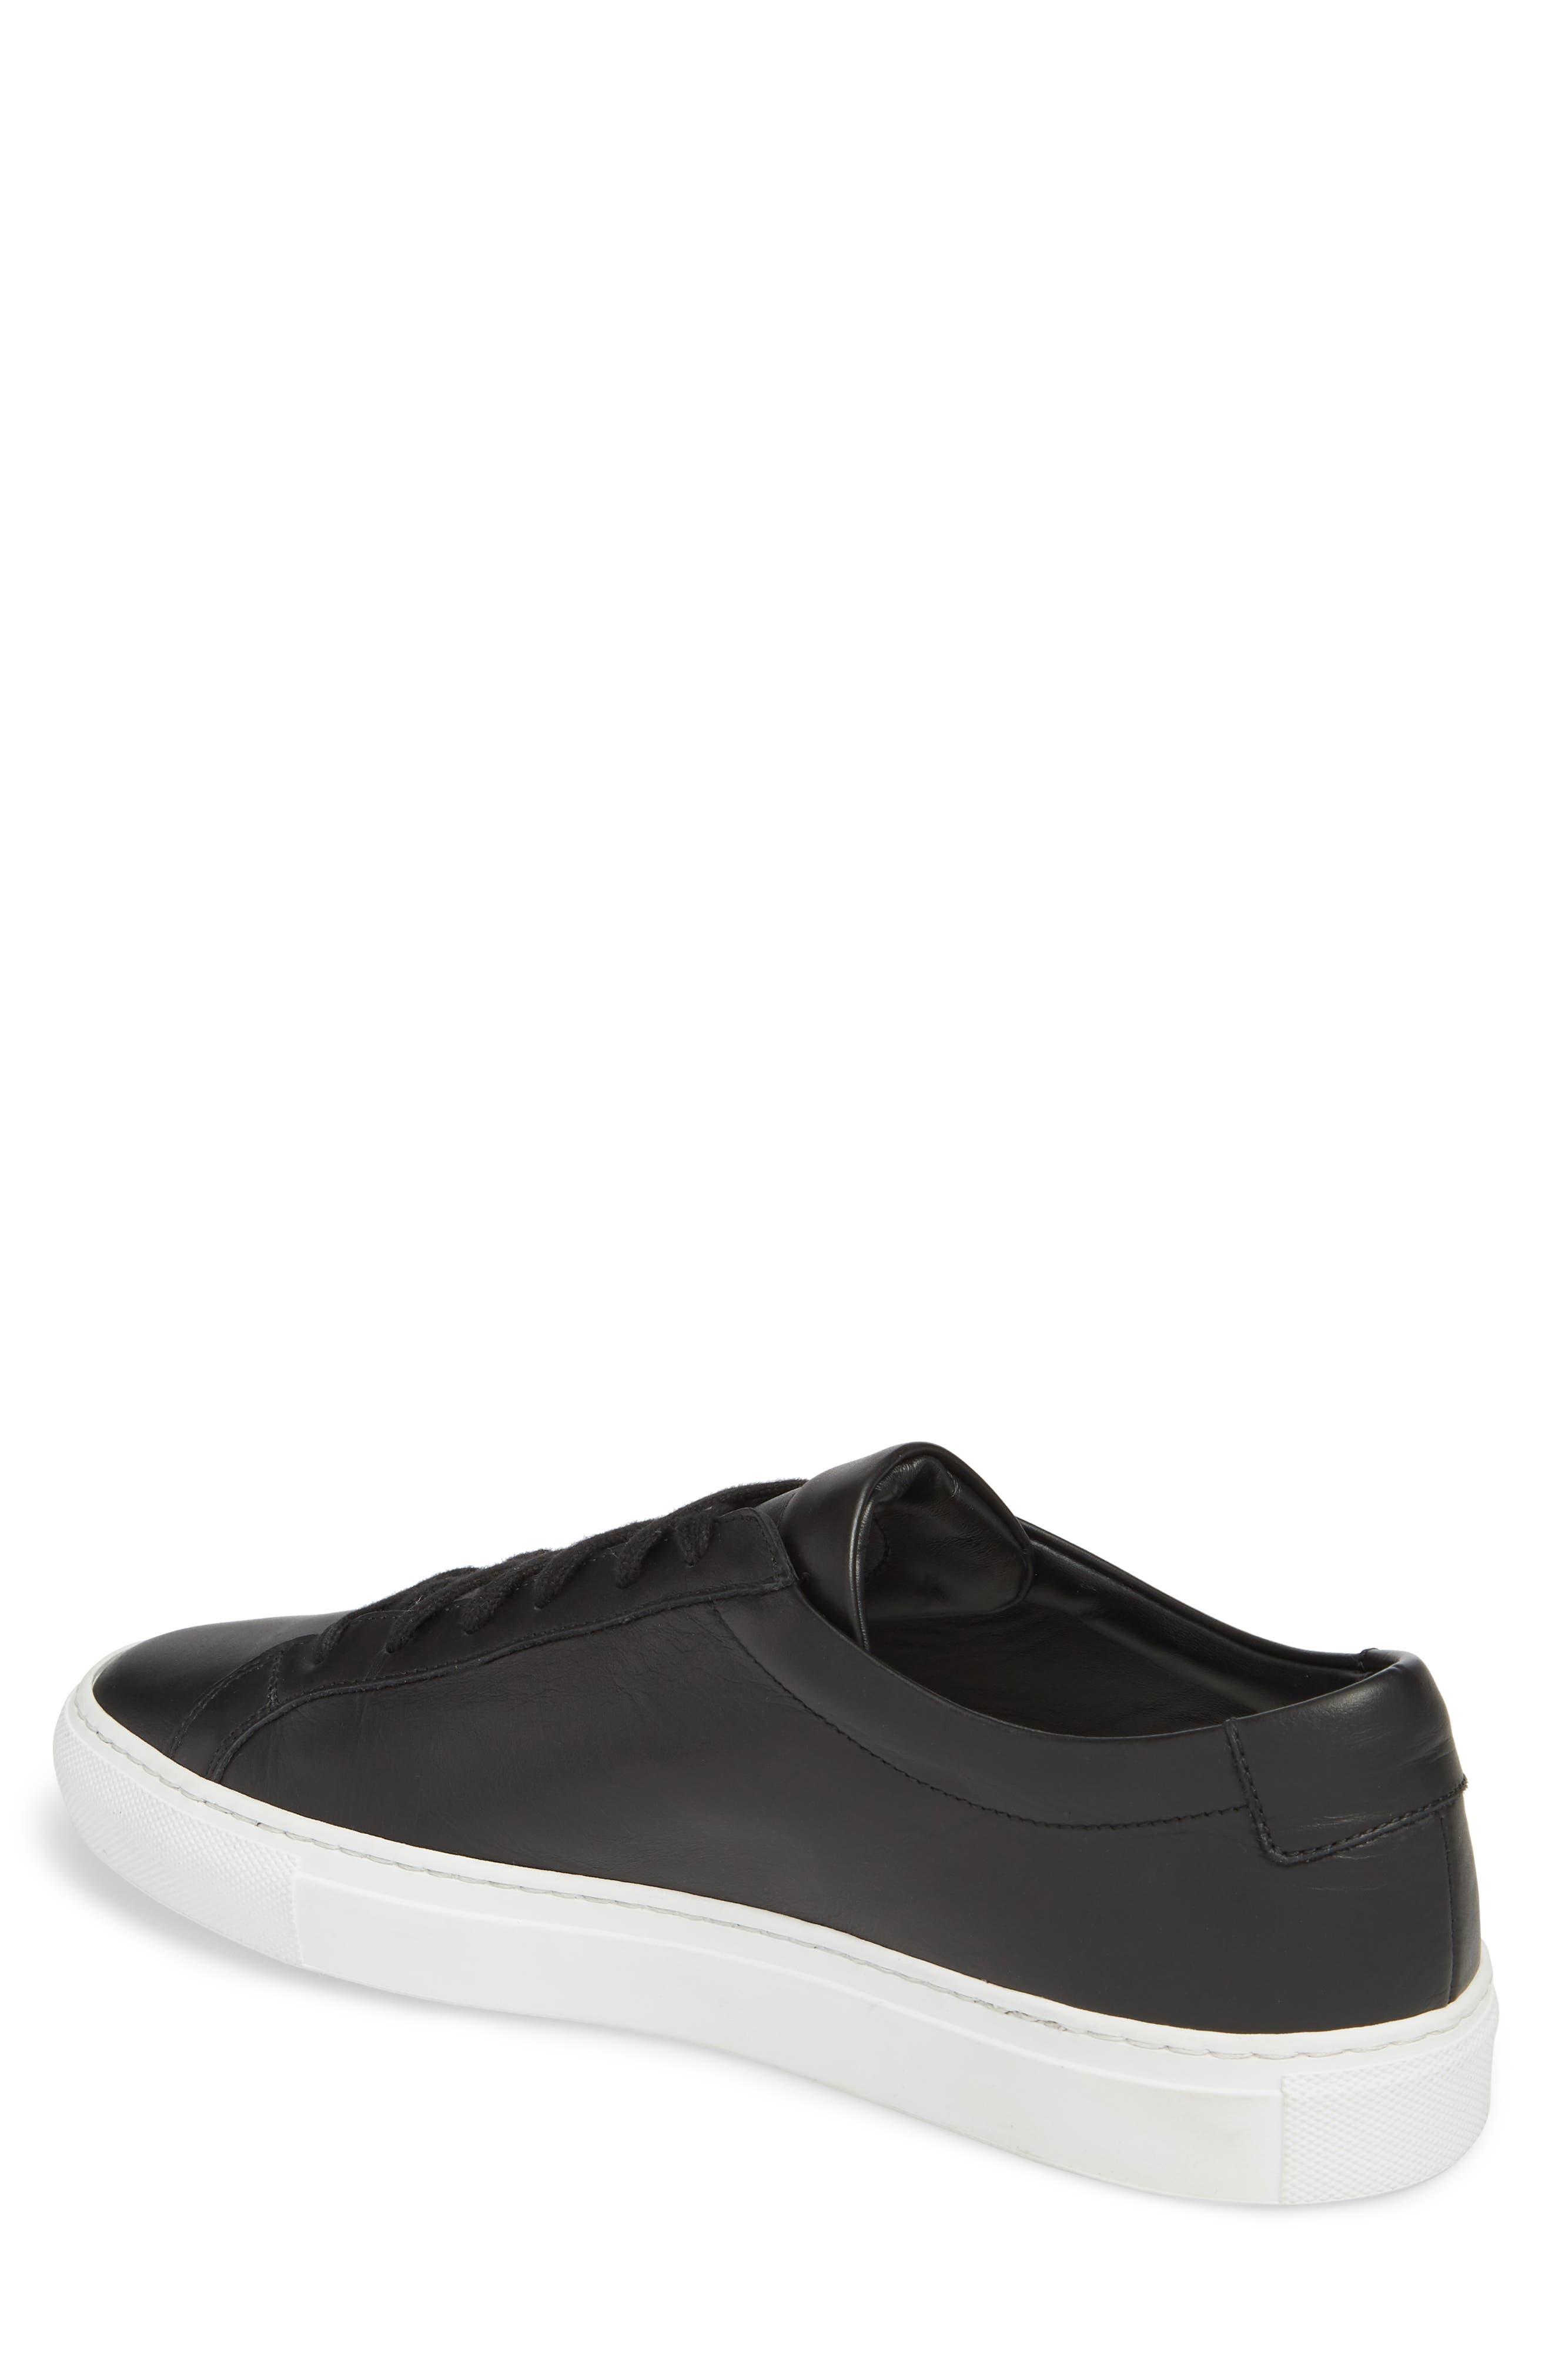 Achilles Low Sneaker,                             Alternate thumbnail 2, color,                             BLACK LEATHER